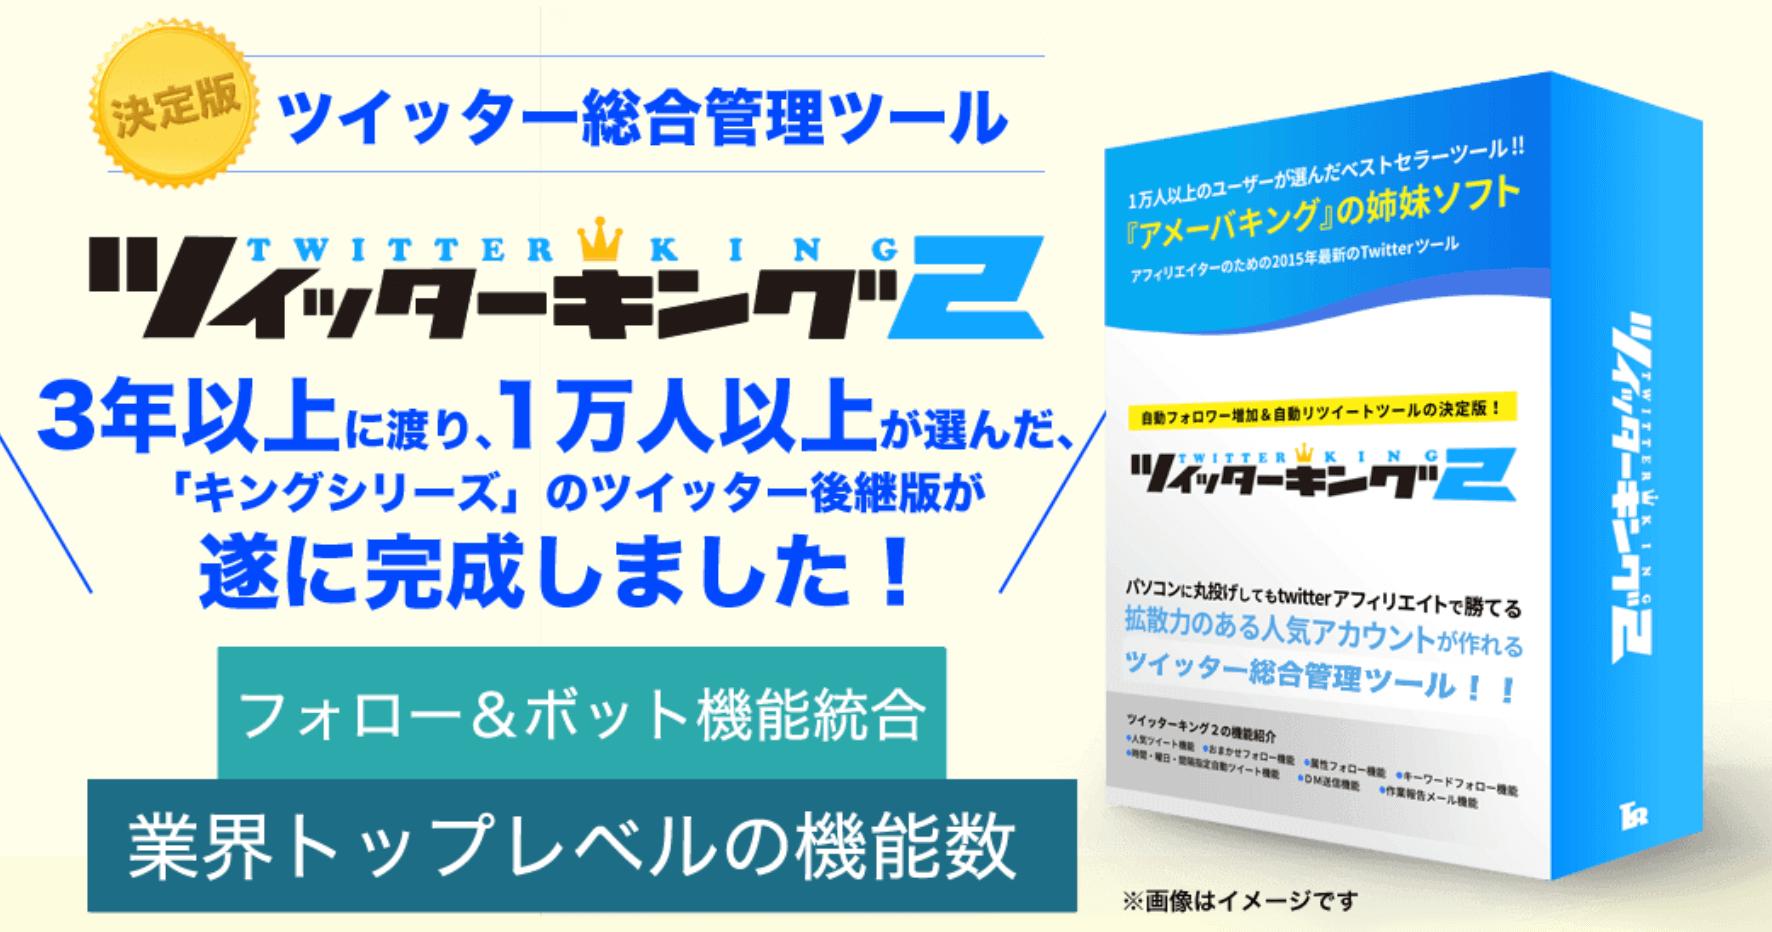 ツイッターキング2豪華特典付き評判口コミレビュー(自動フォローツール)